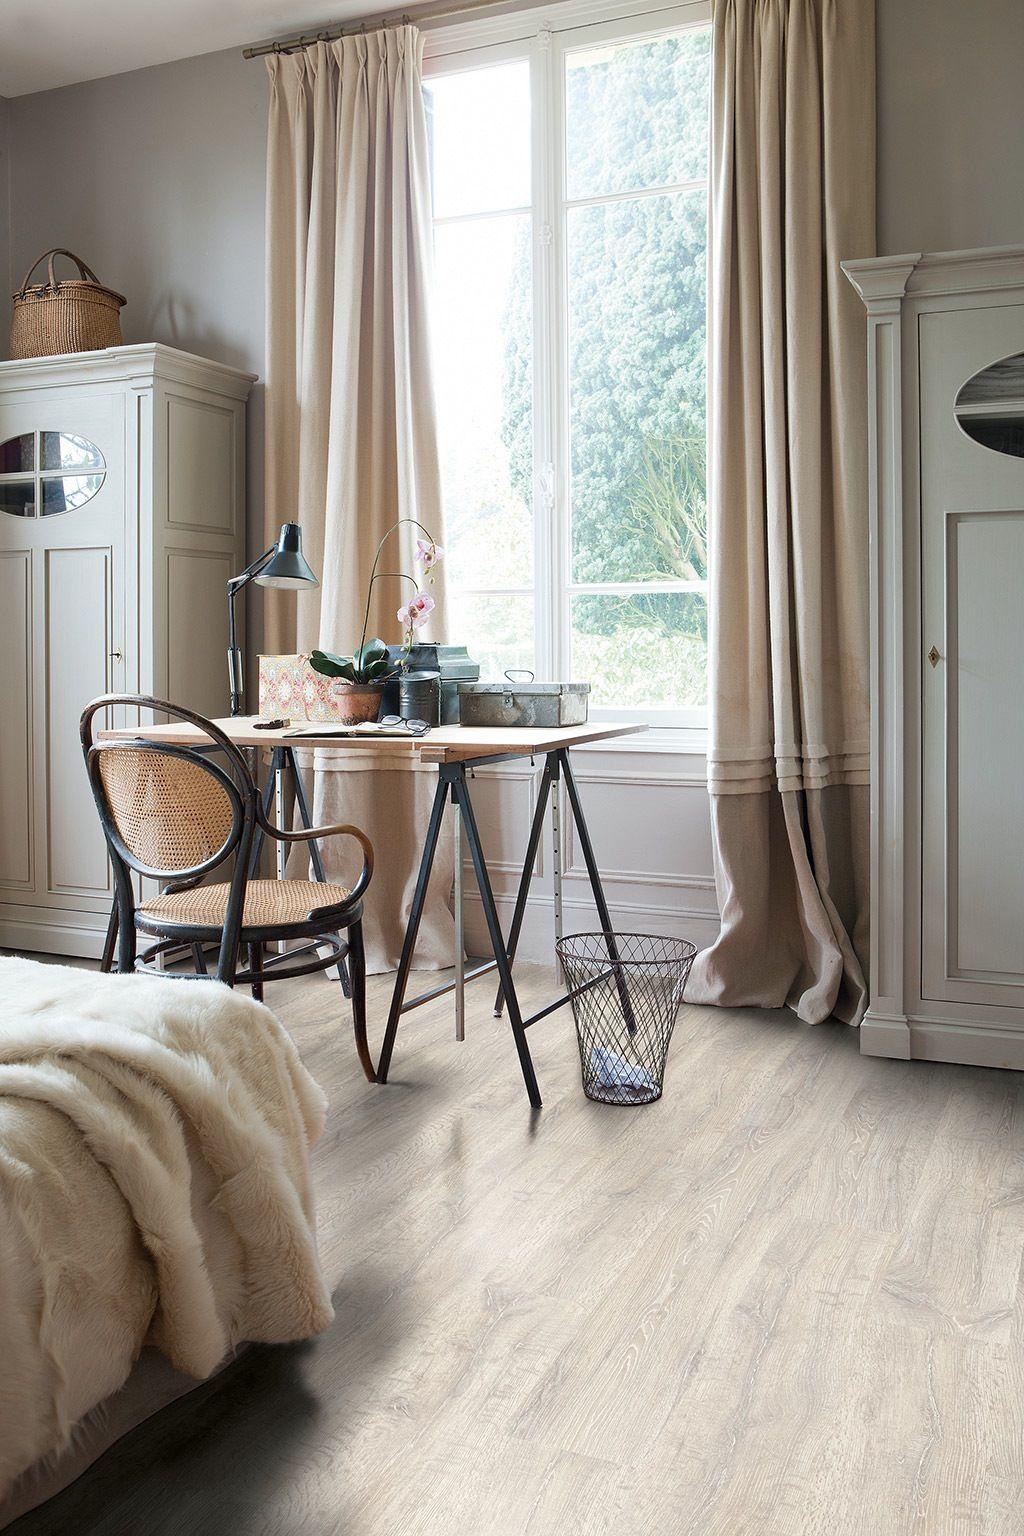 Slaapkamer met houten vloer - Quick-Step laminaat Classic - vloeren ...